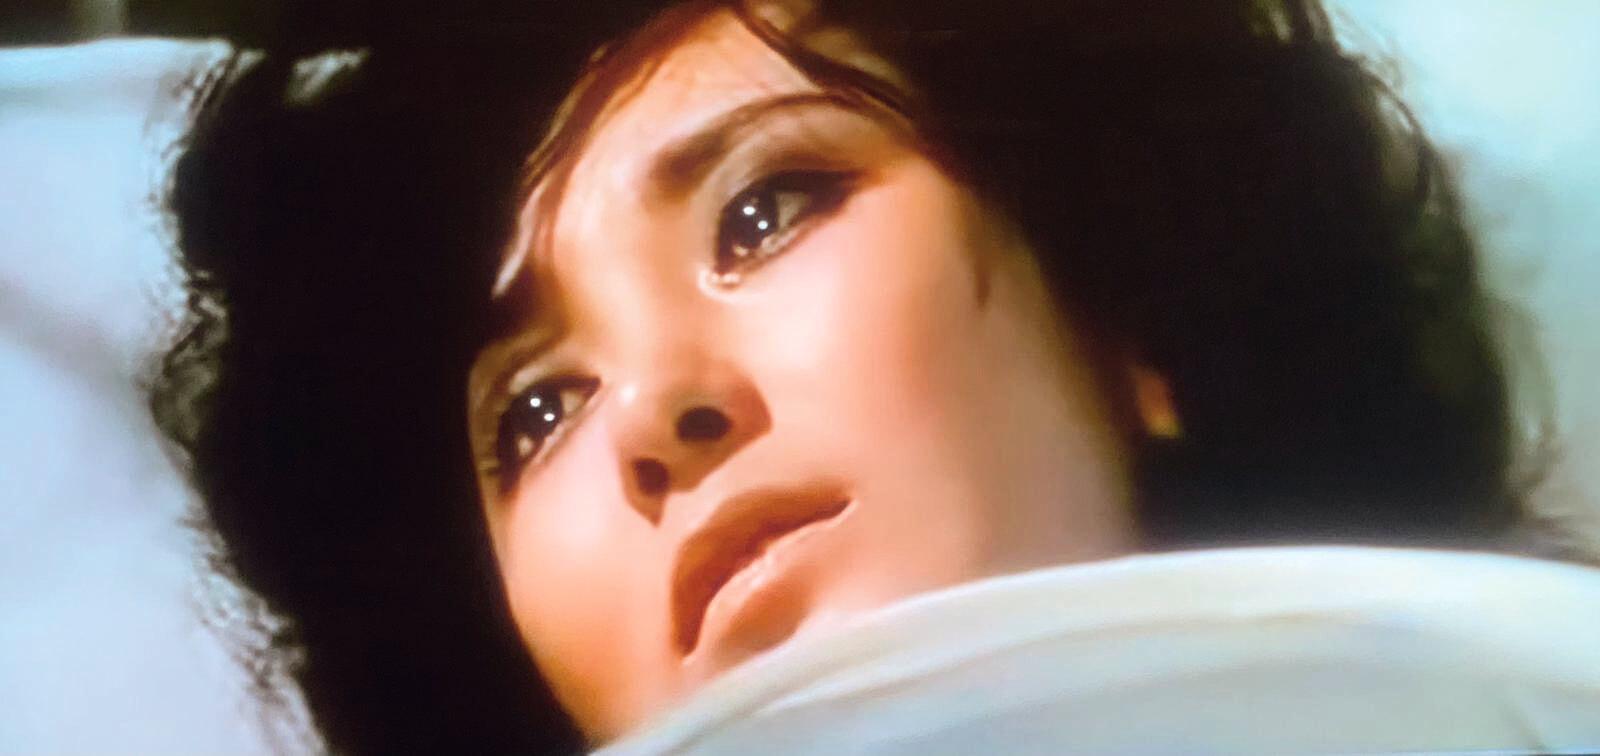 「我是從小便看你演戲的⋯」放在林青霞和唐寶雲之間,並沒有誇張,林的初中六○年代,唐正大紅大紫。一霎眼,沒有想過的事情發生了,十九歲遇上廿九歲,黃毛丫頭是紅花,經驗豐富的是綠葉。病榻前姊妹冰釋前嫌的一場戲,示範了什麼是初生之犢不畏虎。